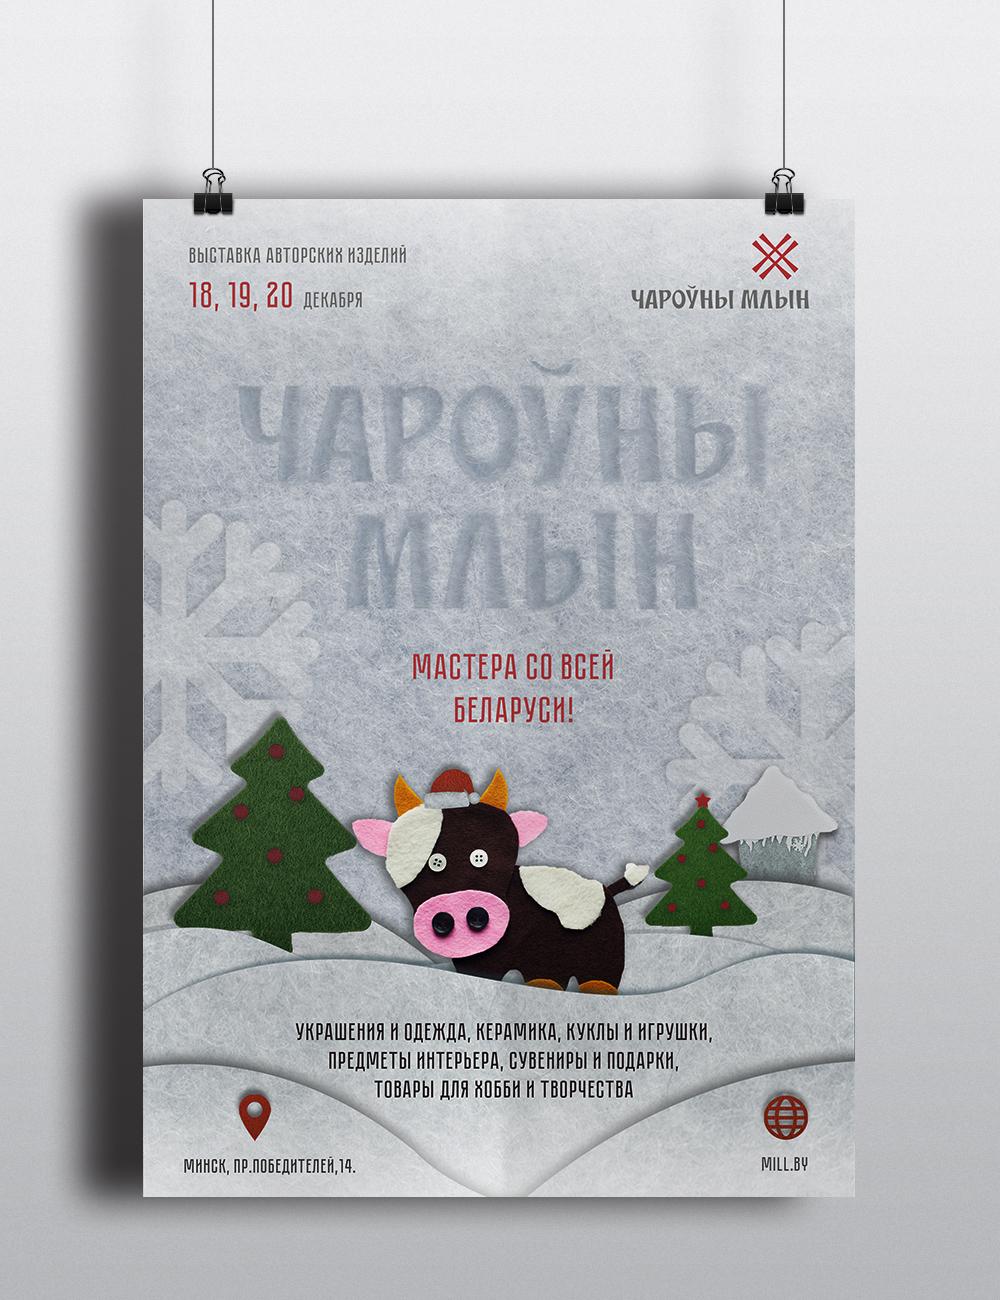 Дизайн новогодней афиши для выставки изделий ручной работы фото f_0005f90607149cb0.jpg